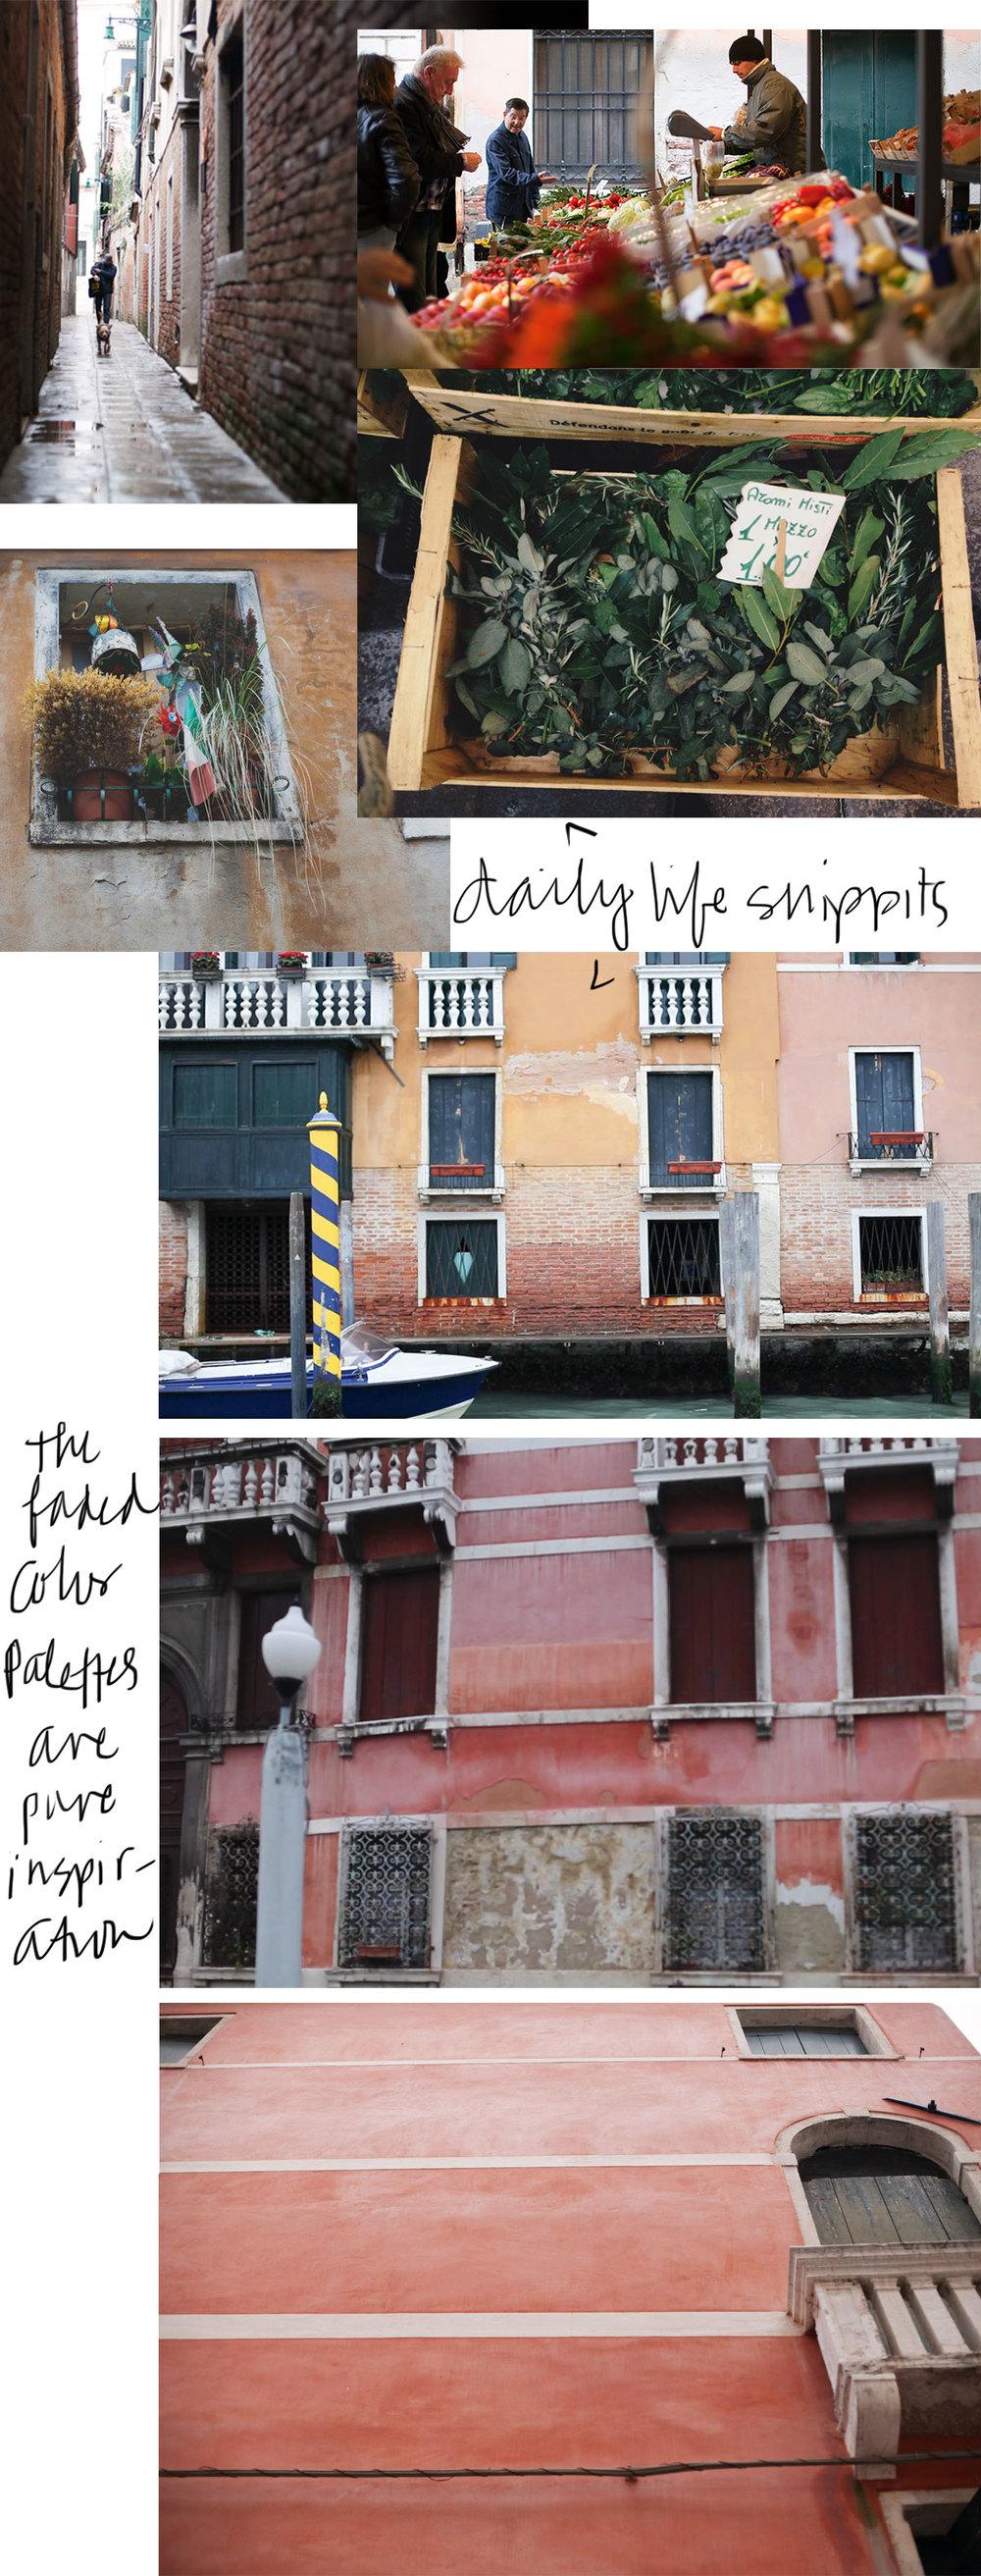 shl_Venice-Italy-Post-2.jpg